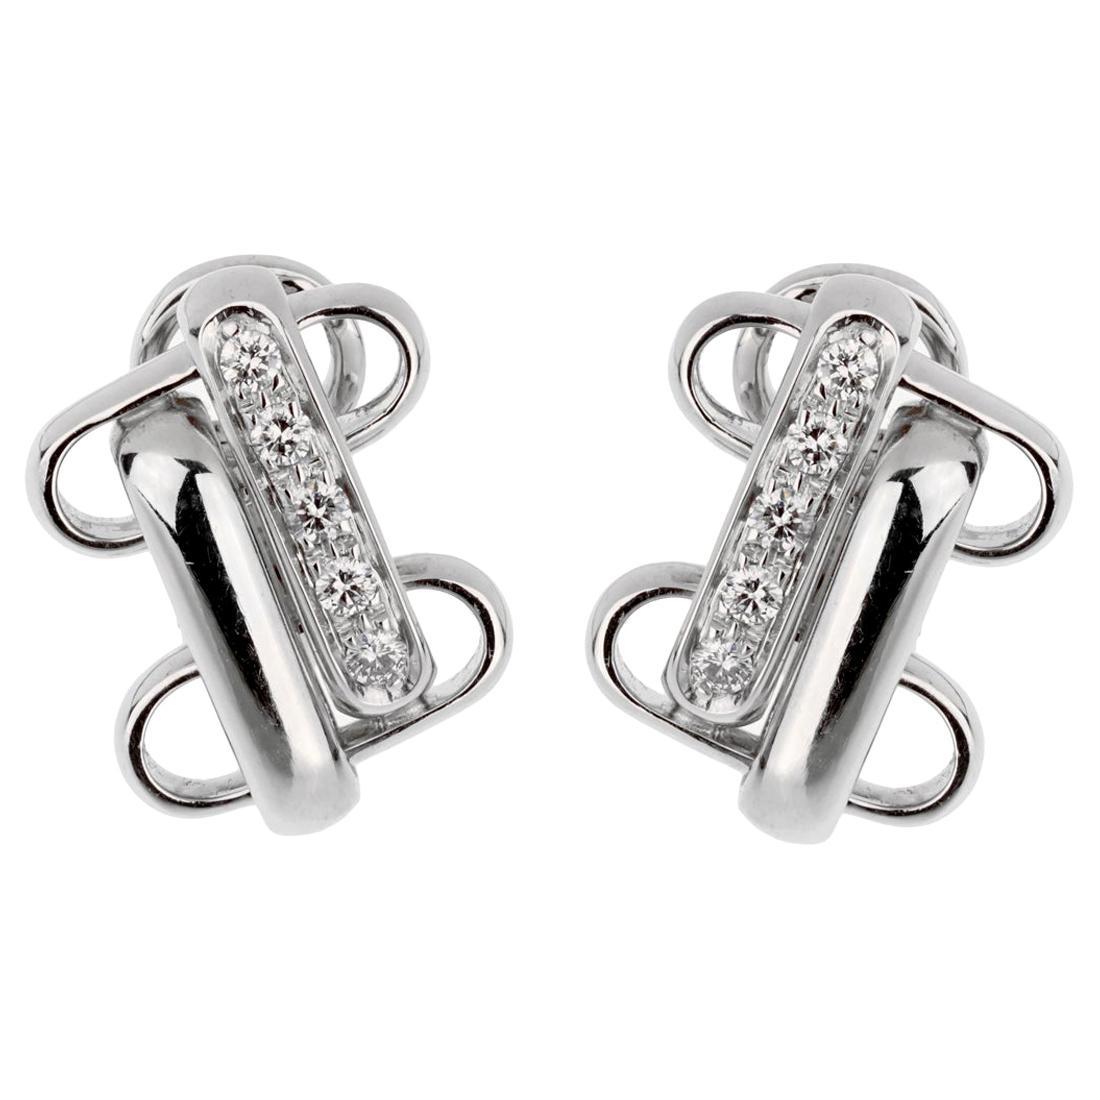 Pomellato White Gold Diamond Earrings